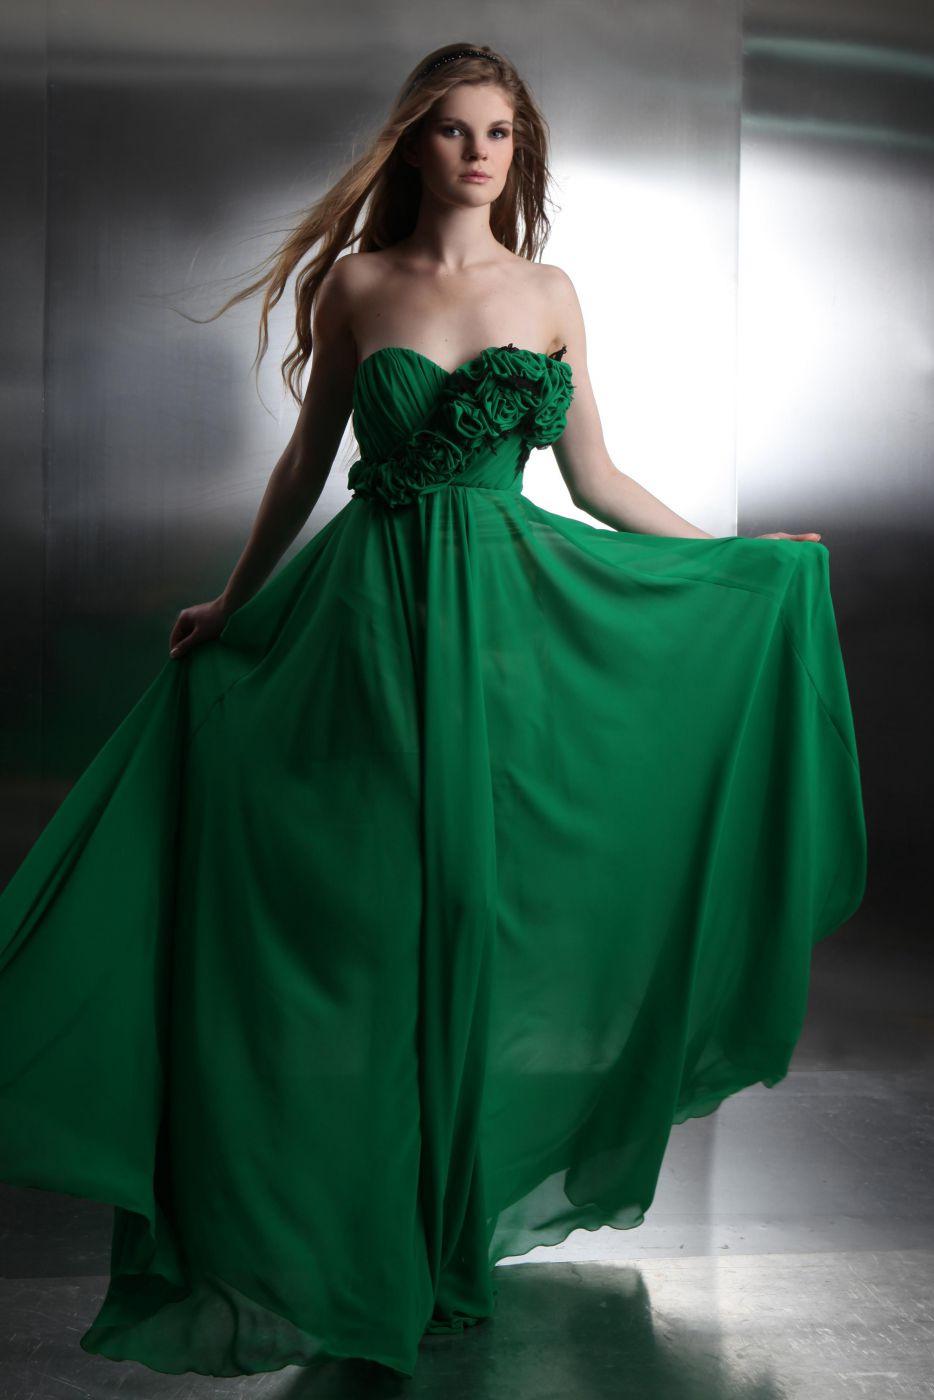 Designer Leicht Grünes Abend Kleid Spezialgebiet10 Wunderbar Grünes Abend Kleid Galerie